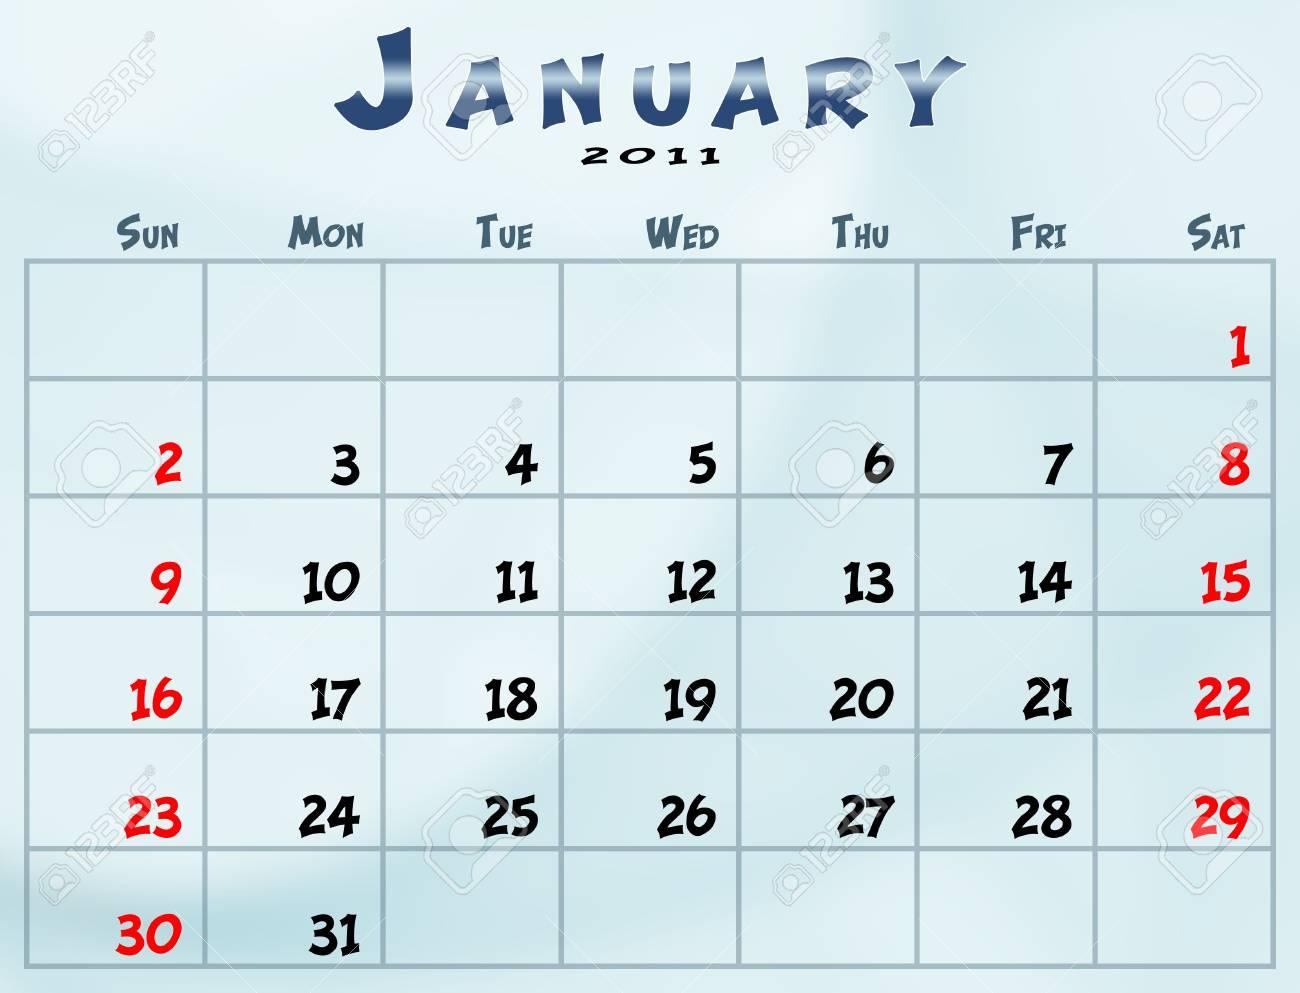 2011 Calendario.Enero De 2011 Calendario Del Domingo Al Sabado